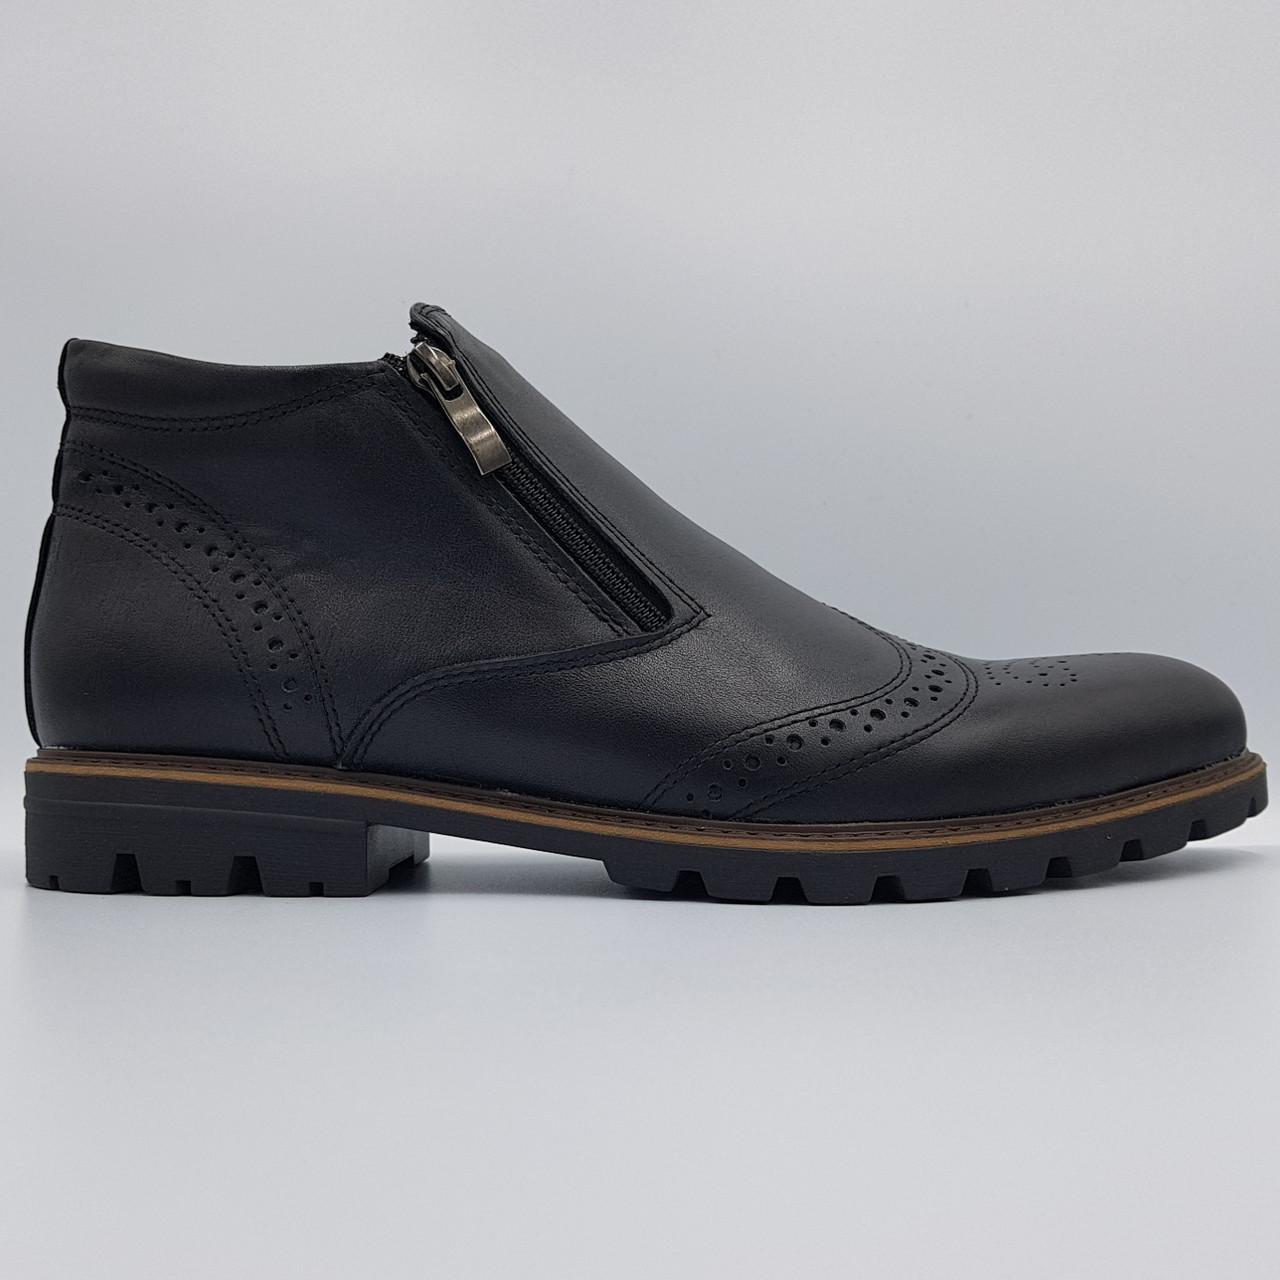 Зимние кожаные мужские ботинки Dan Shoes черные на меху B0034/34